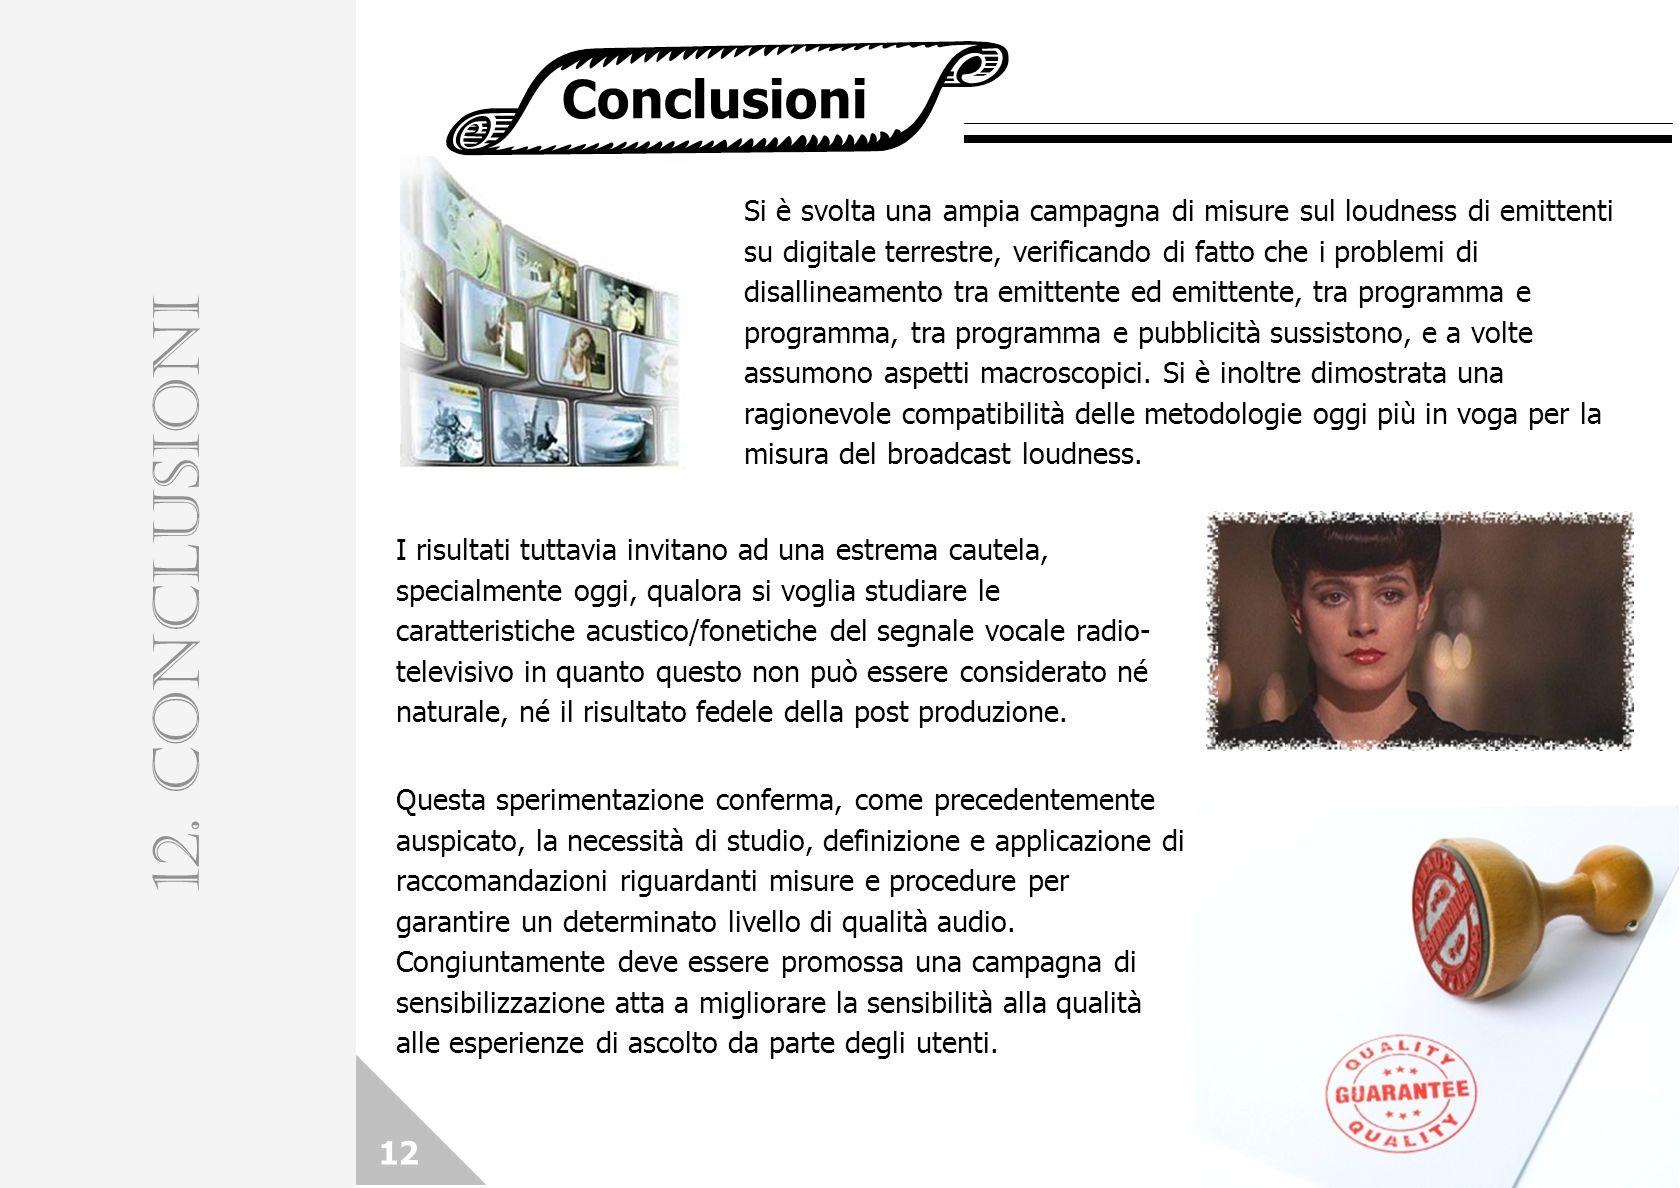 12. CONCLUSIONI Conclusioni 12